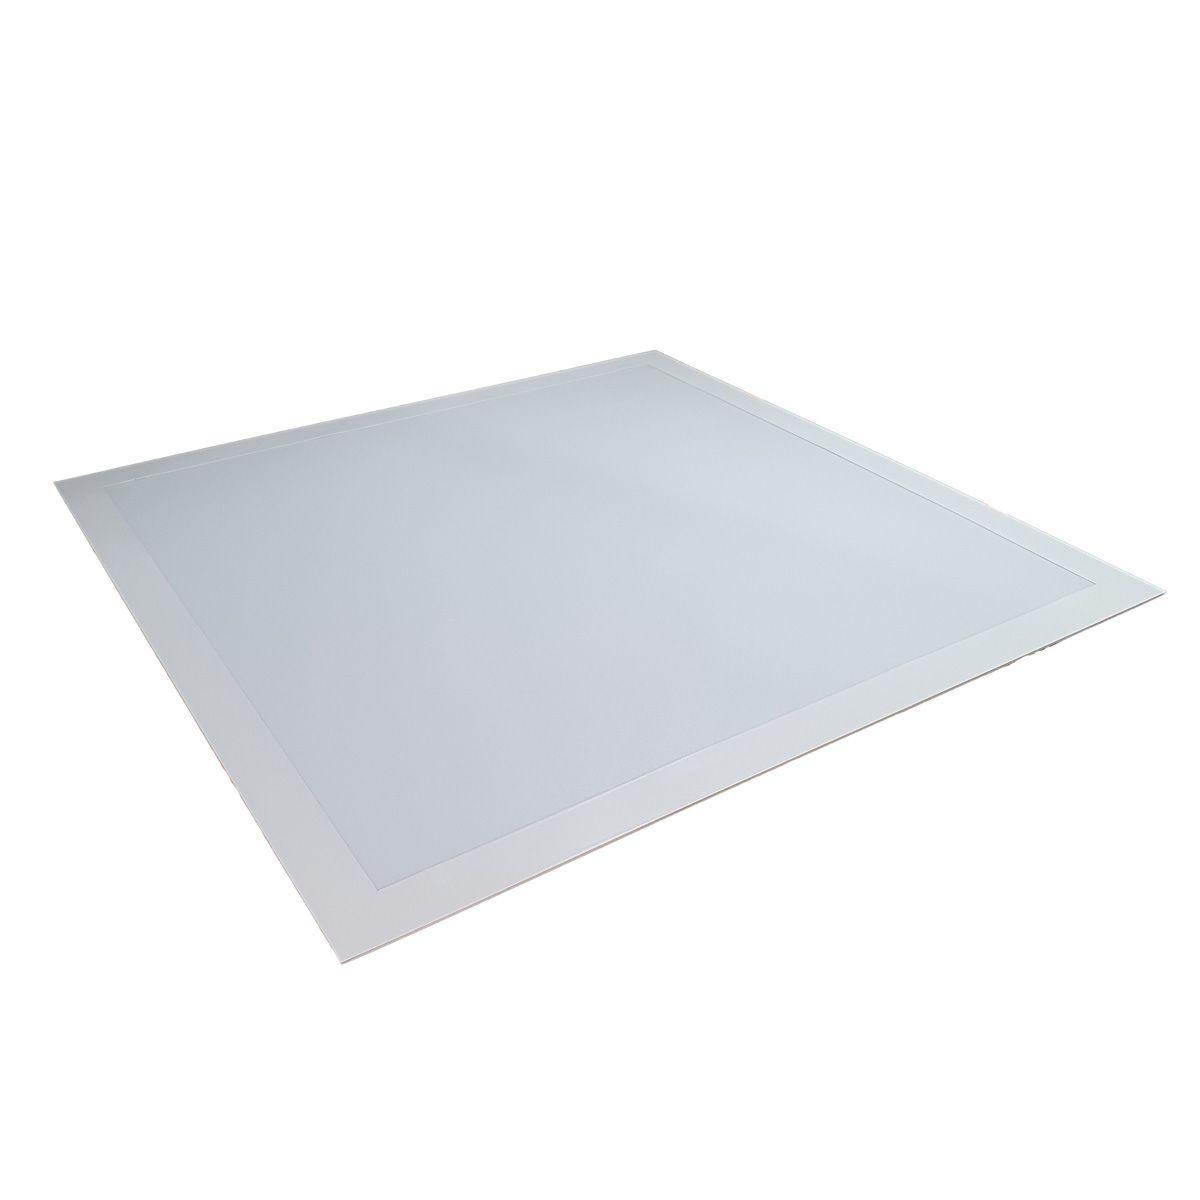 Painel Plafon Led 48w Quadrado Luminaria Embutir Branco Luz Fria